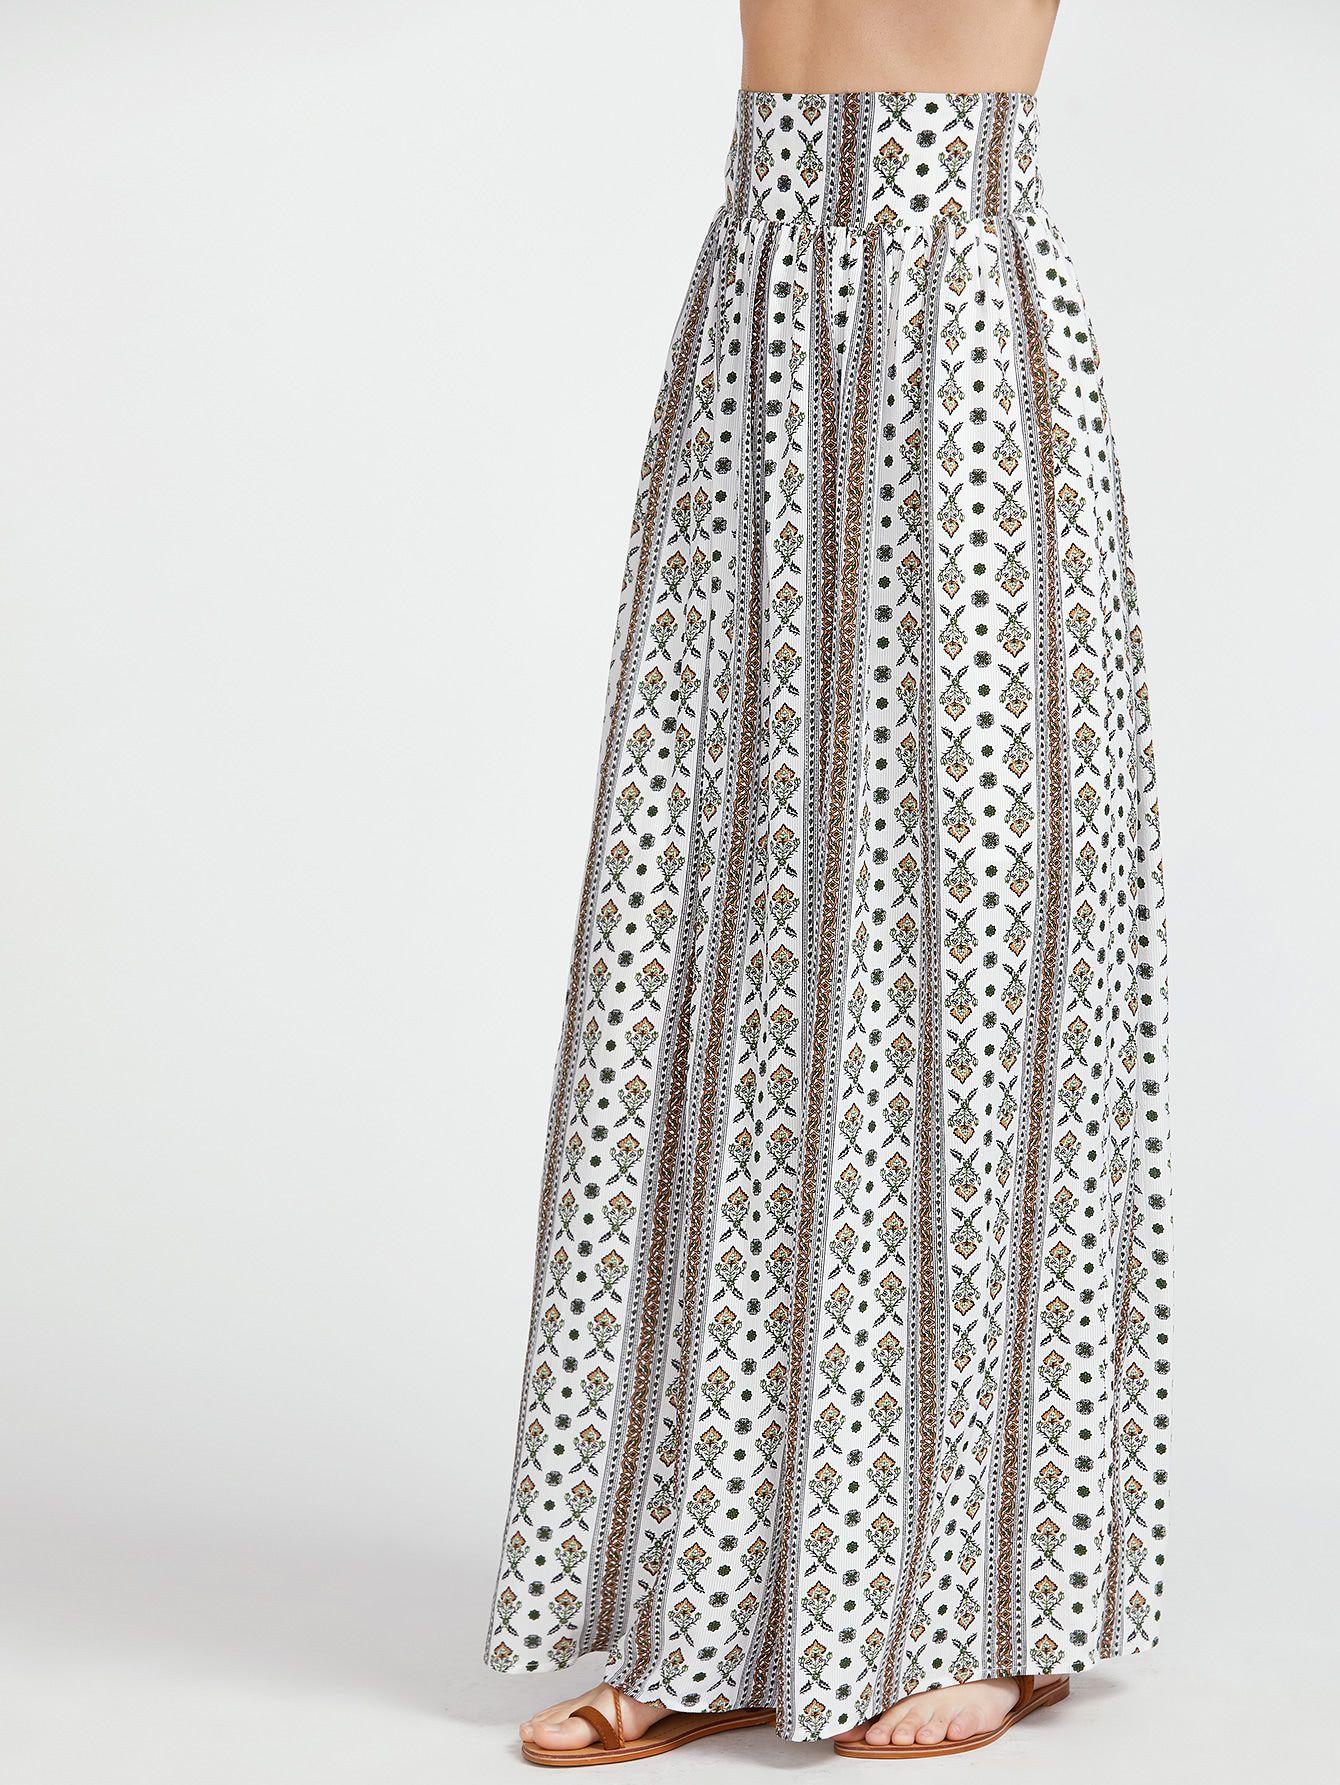 Falda larga con estampado con cinturilla ancha - multicolor -Spanish  SheIn(Sheinside) 962bea711962